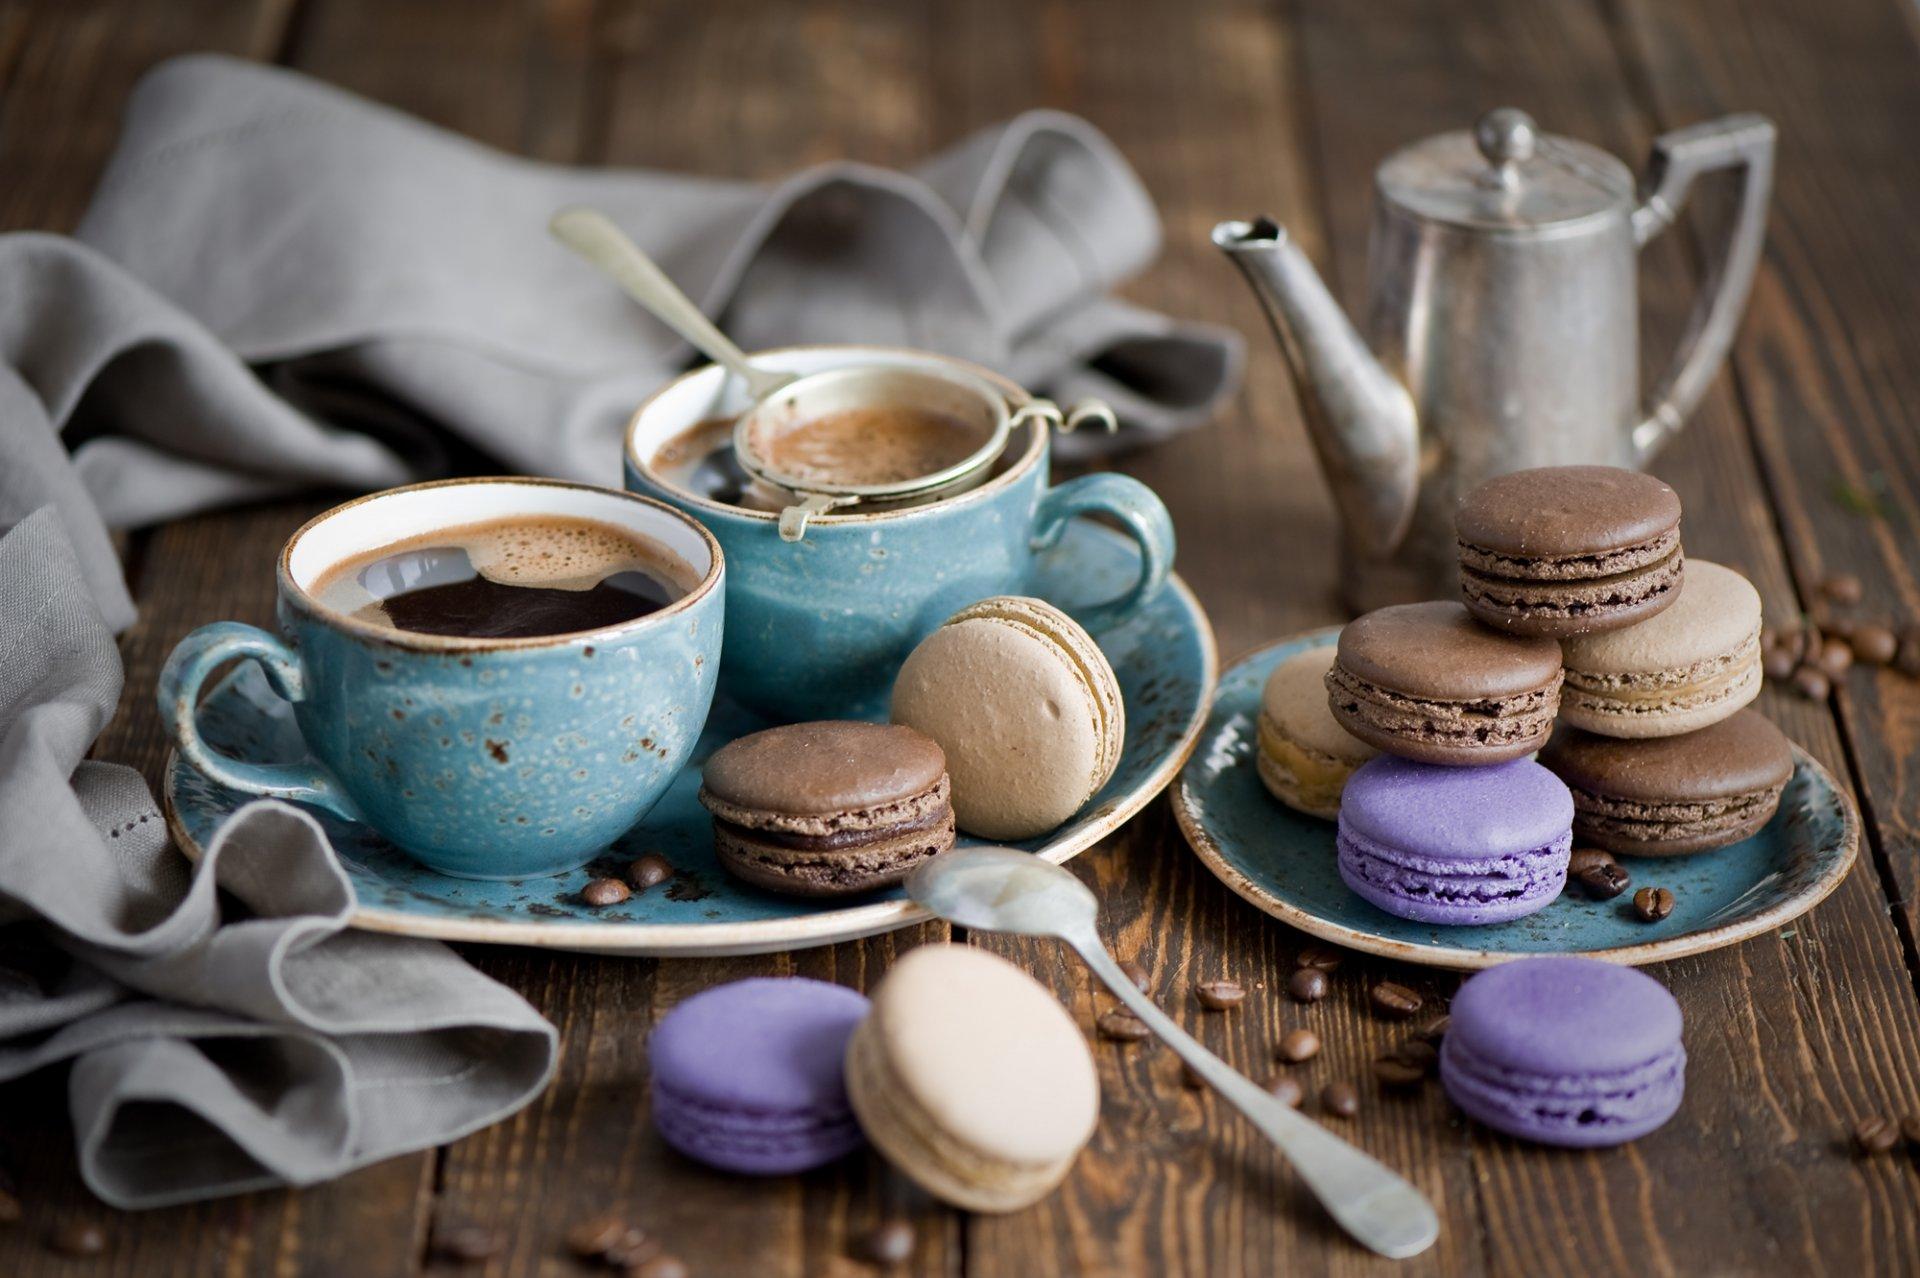 Картинка с чашкой кофе и сладостями